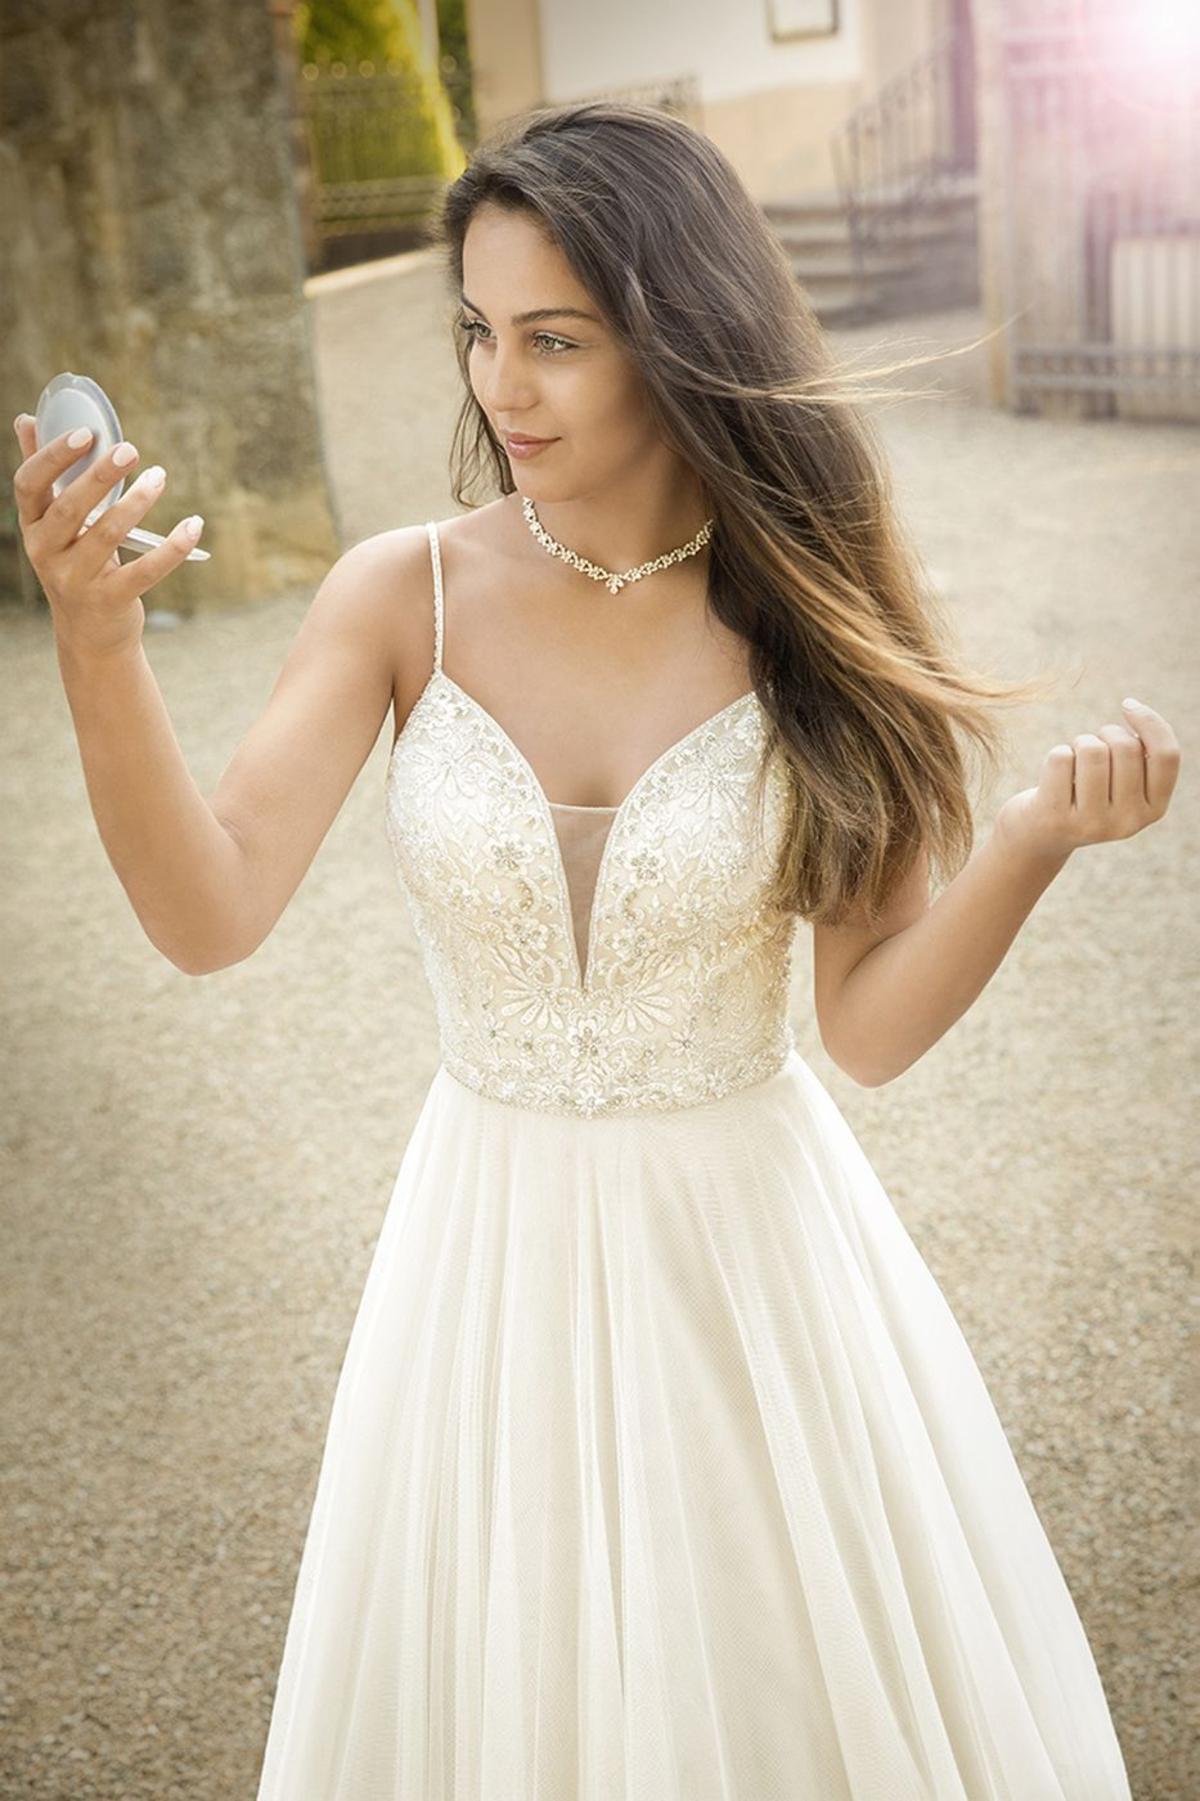 Kleemeier Brautkleid 12415 ELEA MIT SCHLEPPE - Wir sagen Ja!